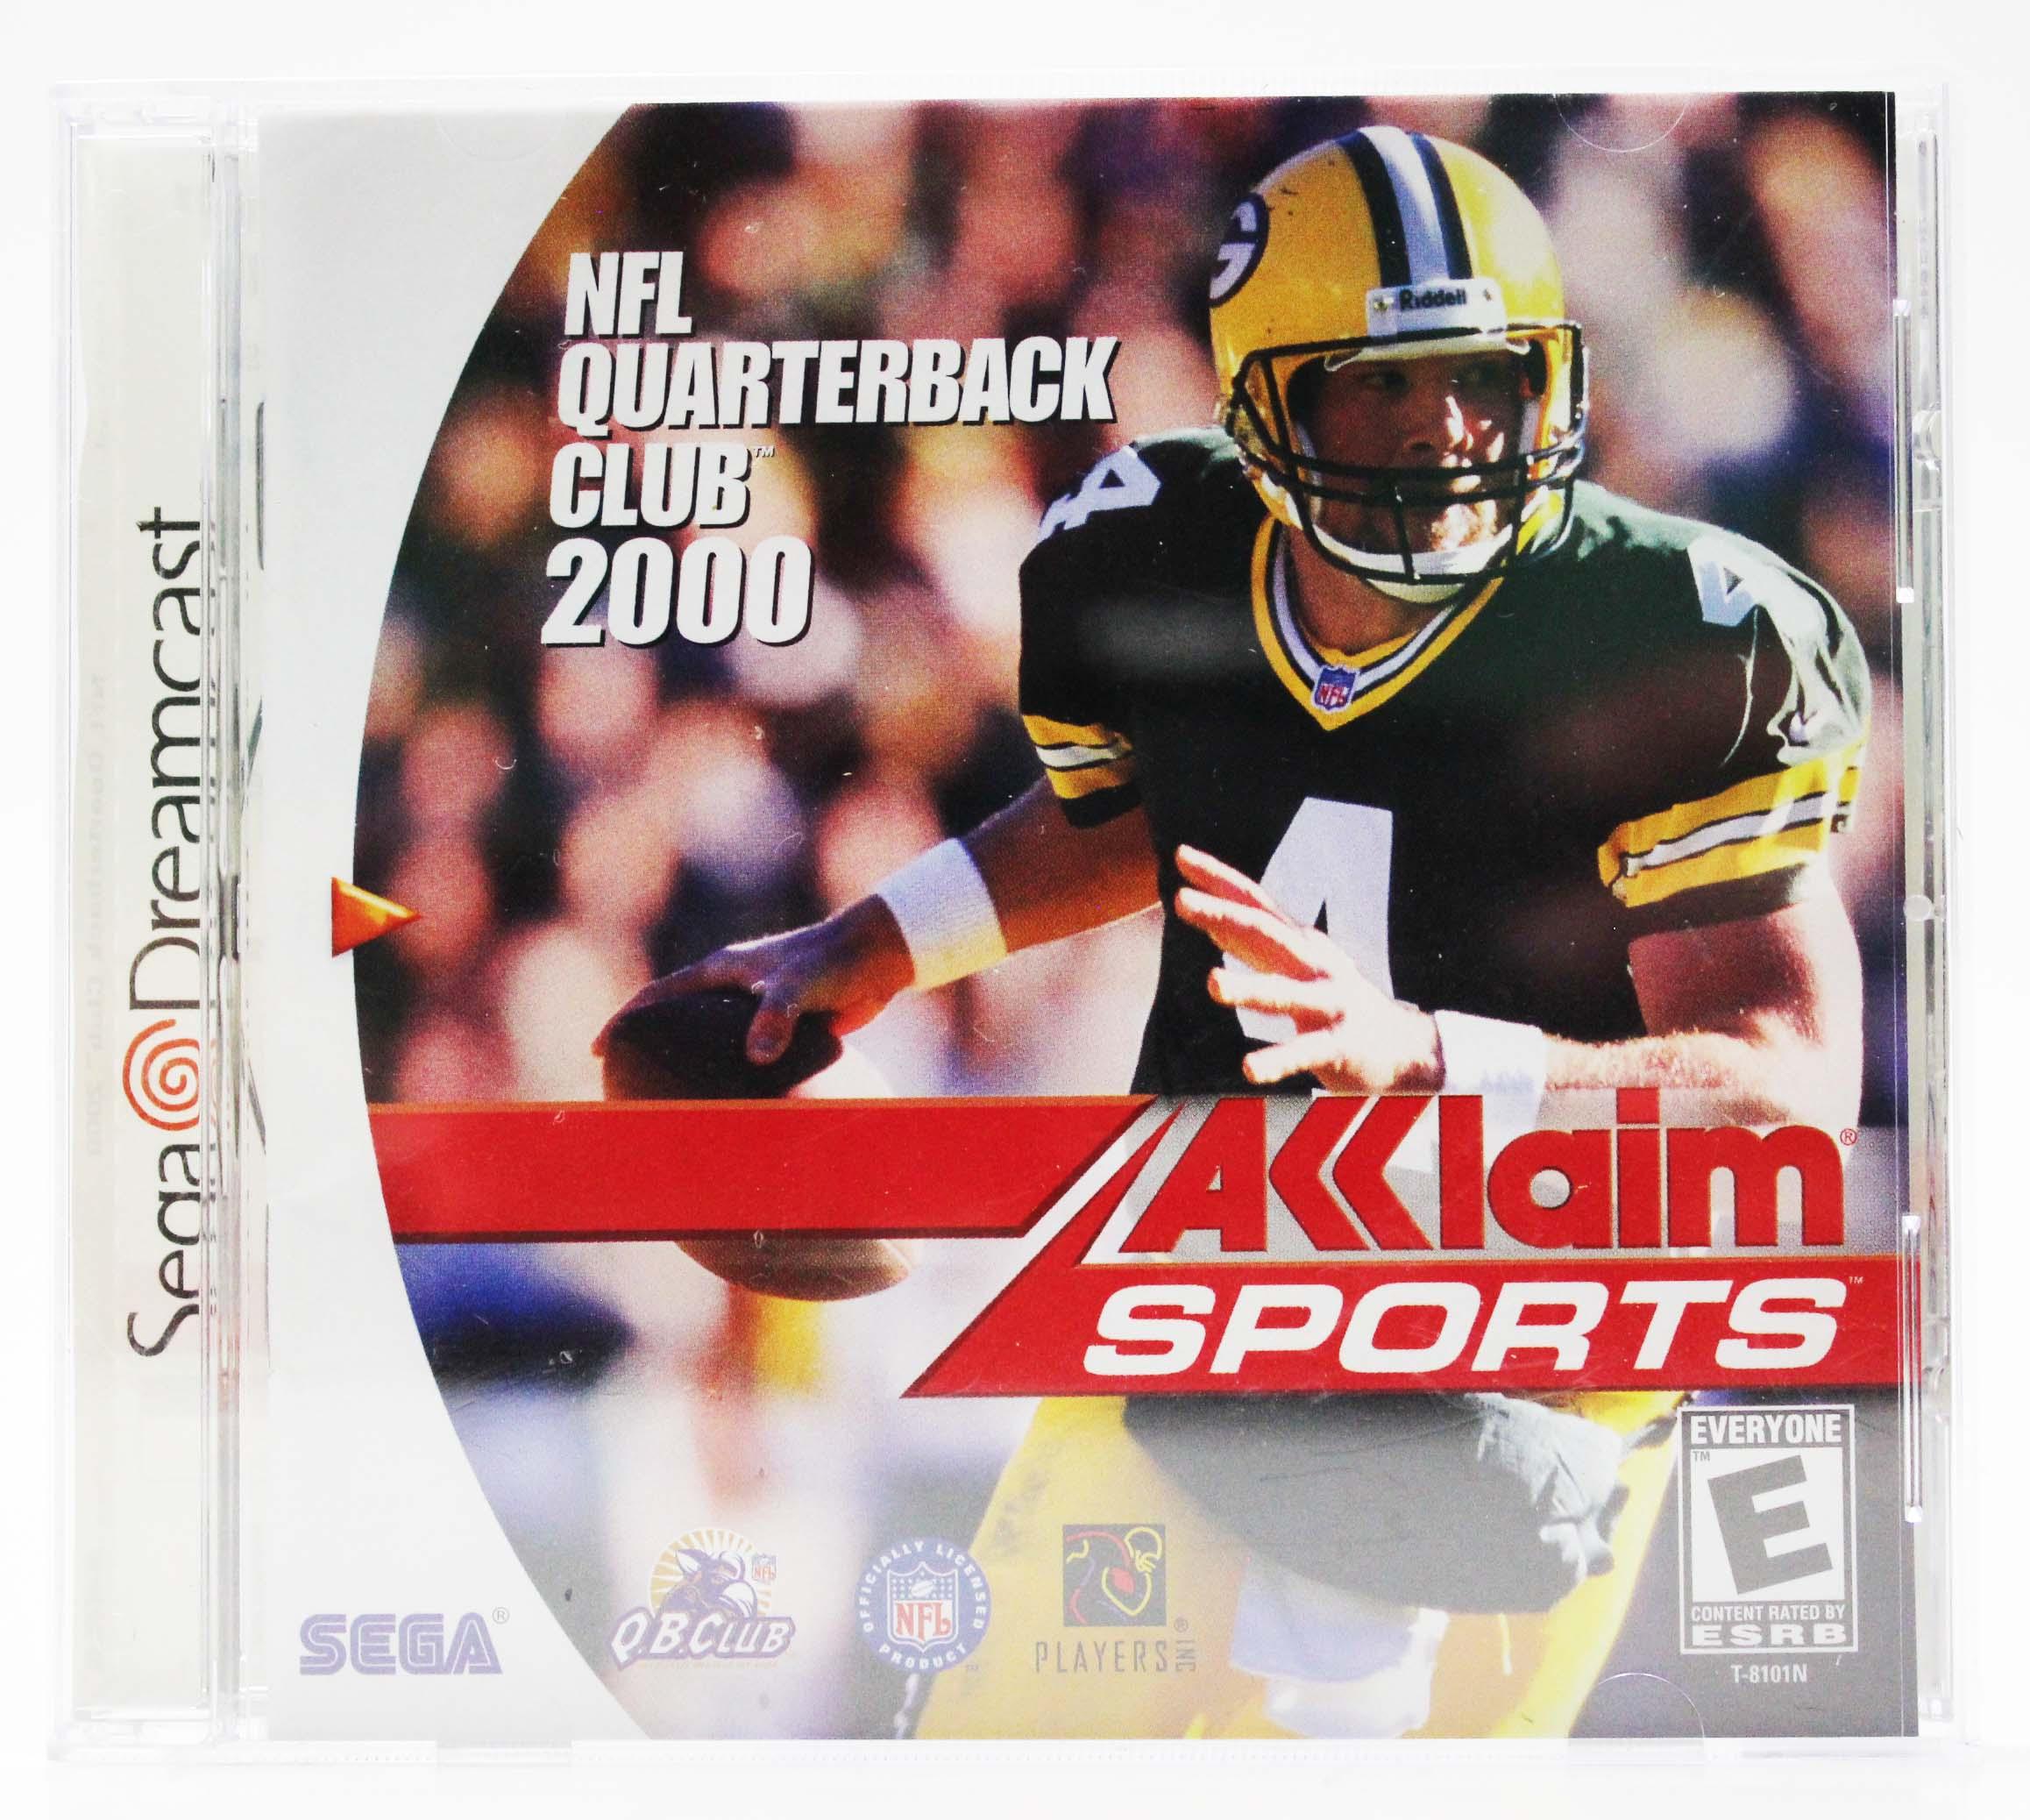 f5d2889f3 NFL Quarterback Club 2000 Sega Dreamcast 1999. Atlantis Plastics Plastic  Table Cover 54   x 108   Rectangle Red